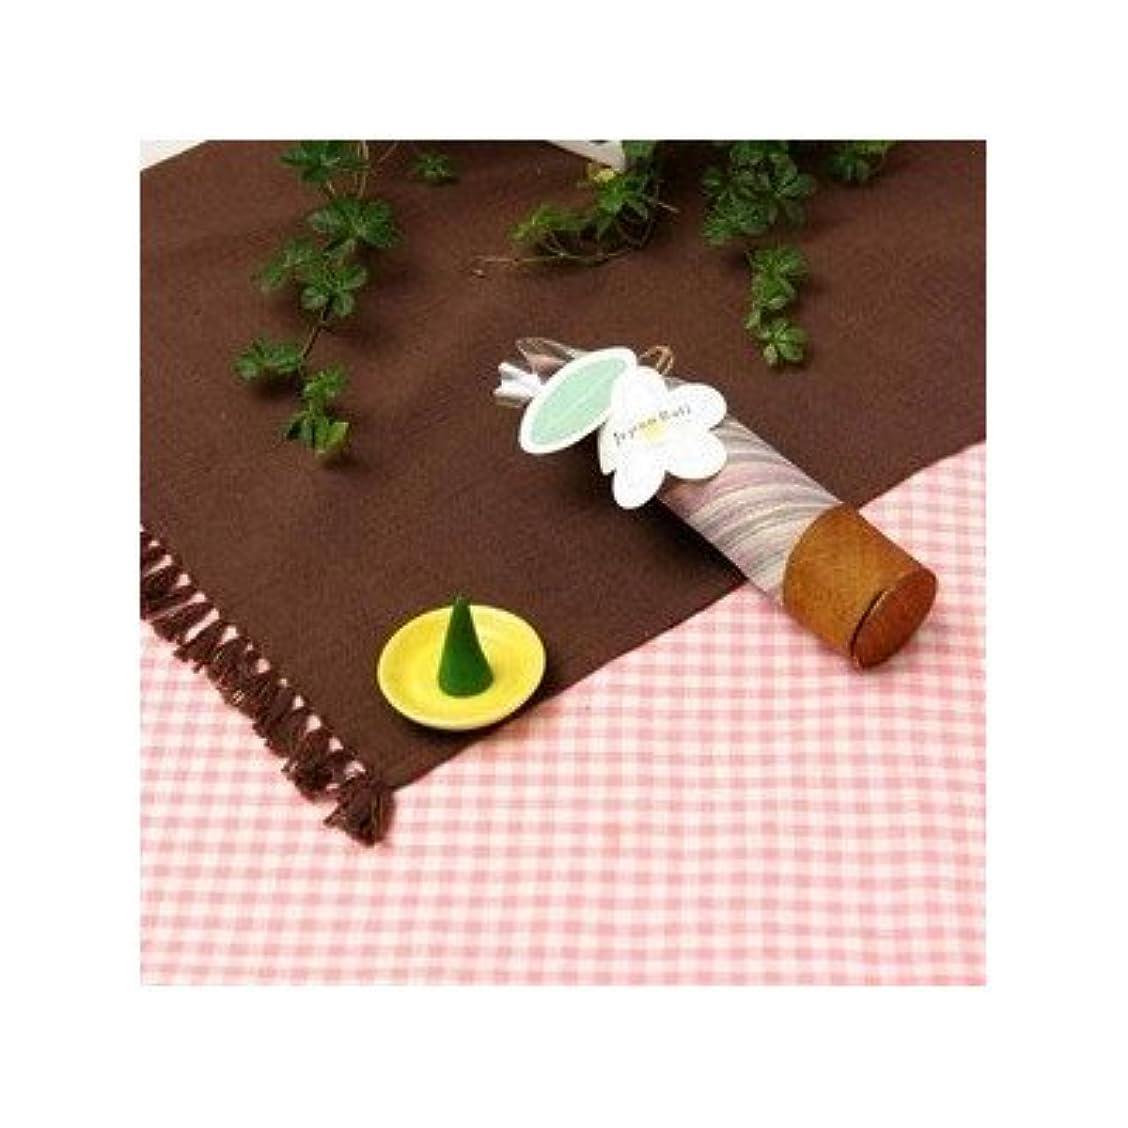 お香/インセンス 〔ロータスの香り コーンタイプ10個入り〕 バリ島製 「Jupen Bari/ジュプンバリ」[通販用梱包品]